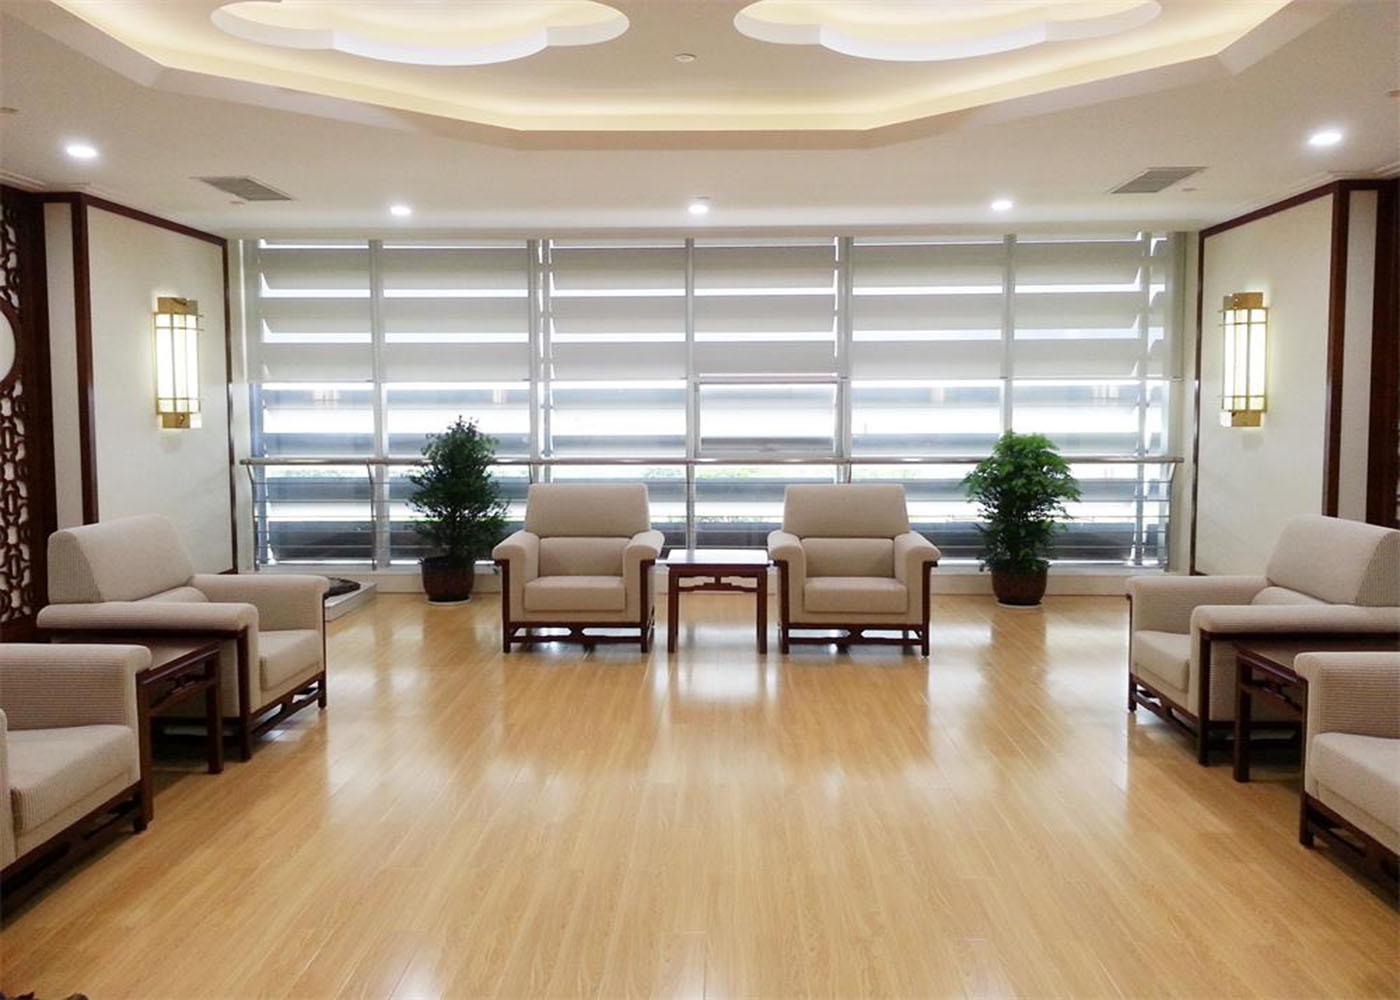 弗莱特贵宾沙发A03,上海贵宾沙发,【尺寸 价格 图片 品牌】